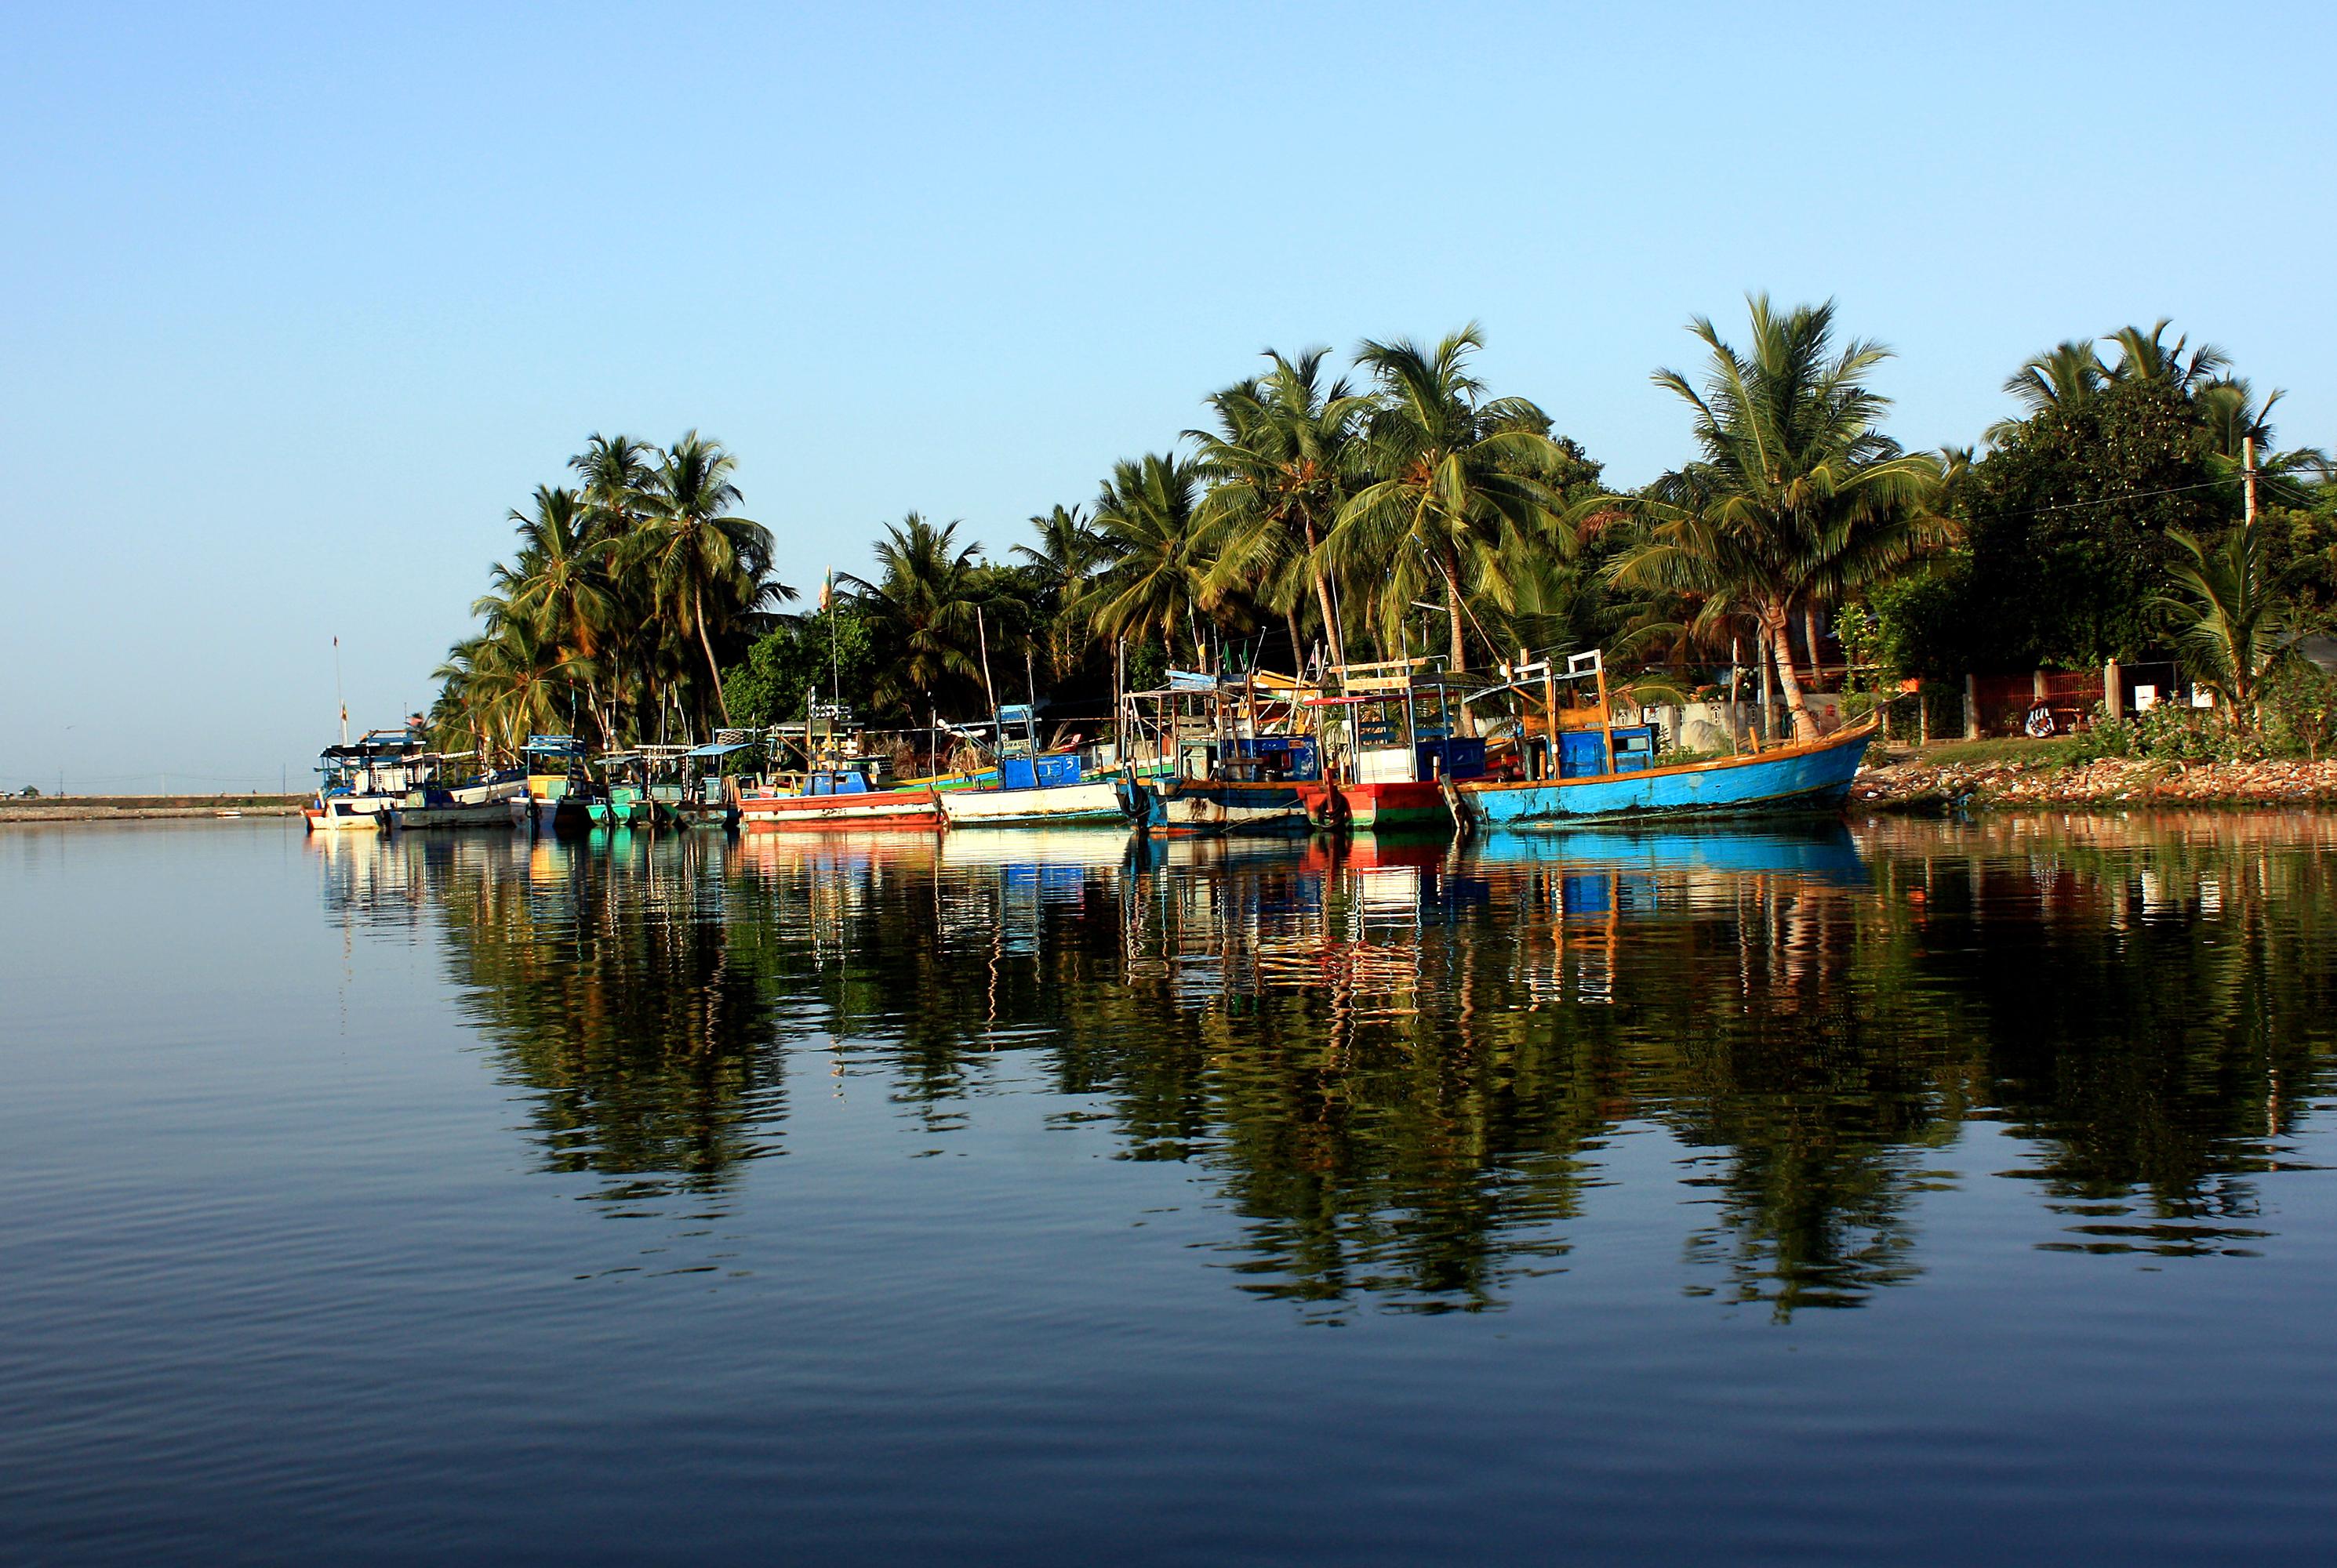 batticaloa_lagoon_fishing_boats-2